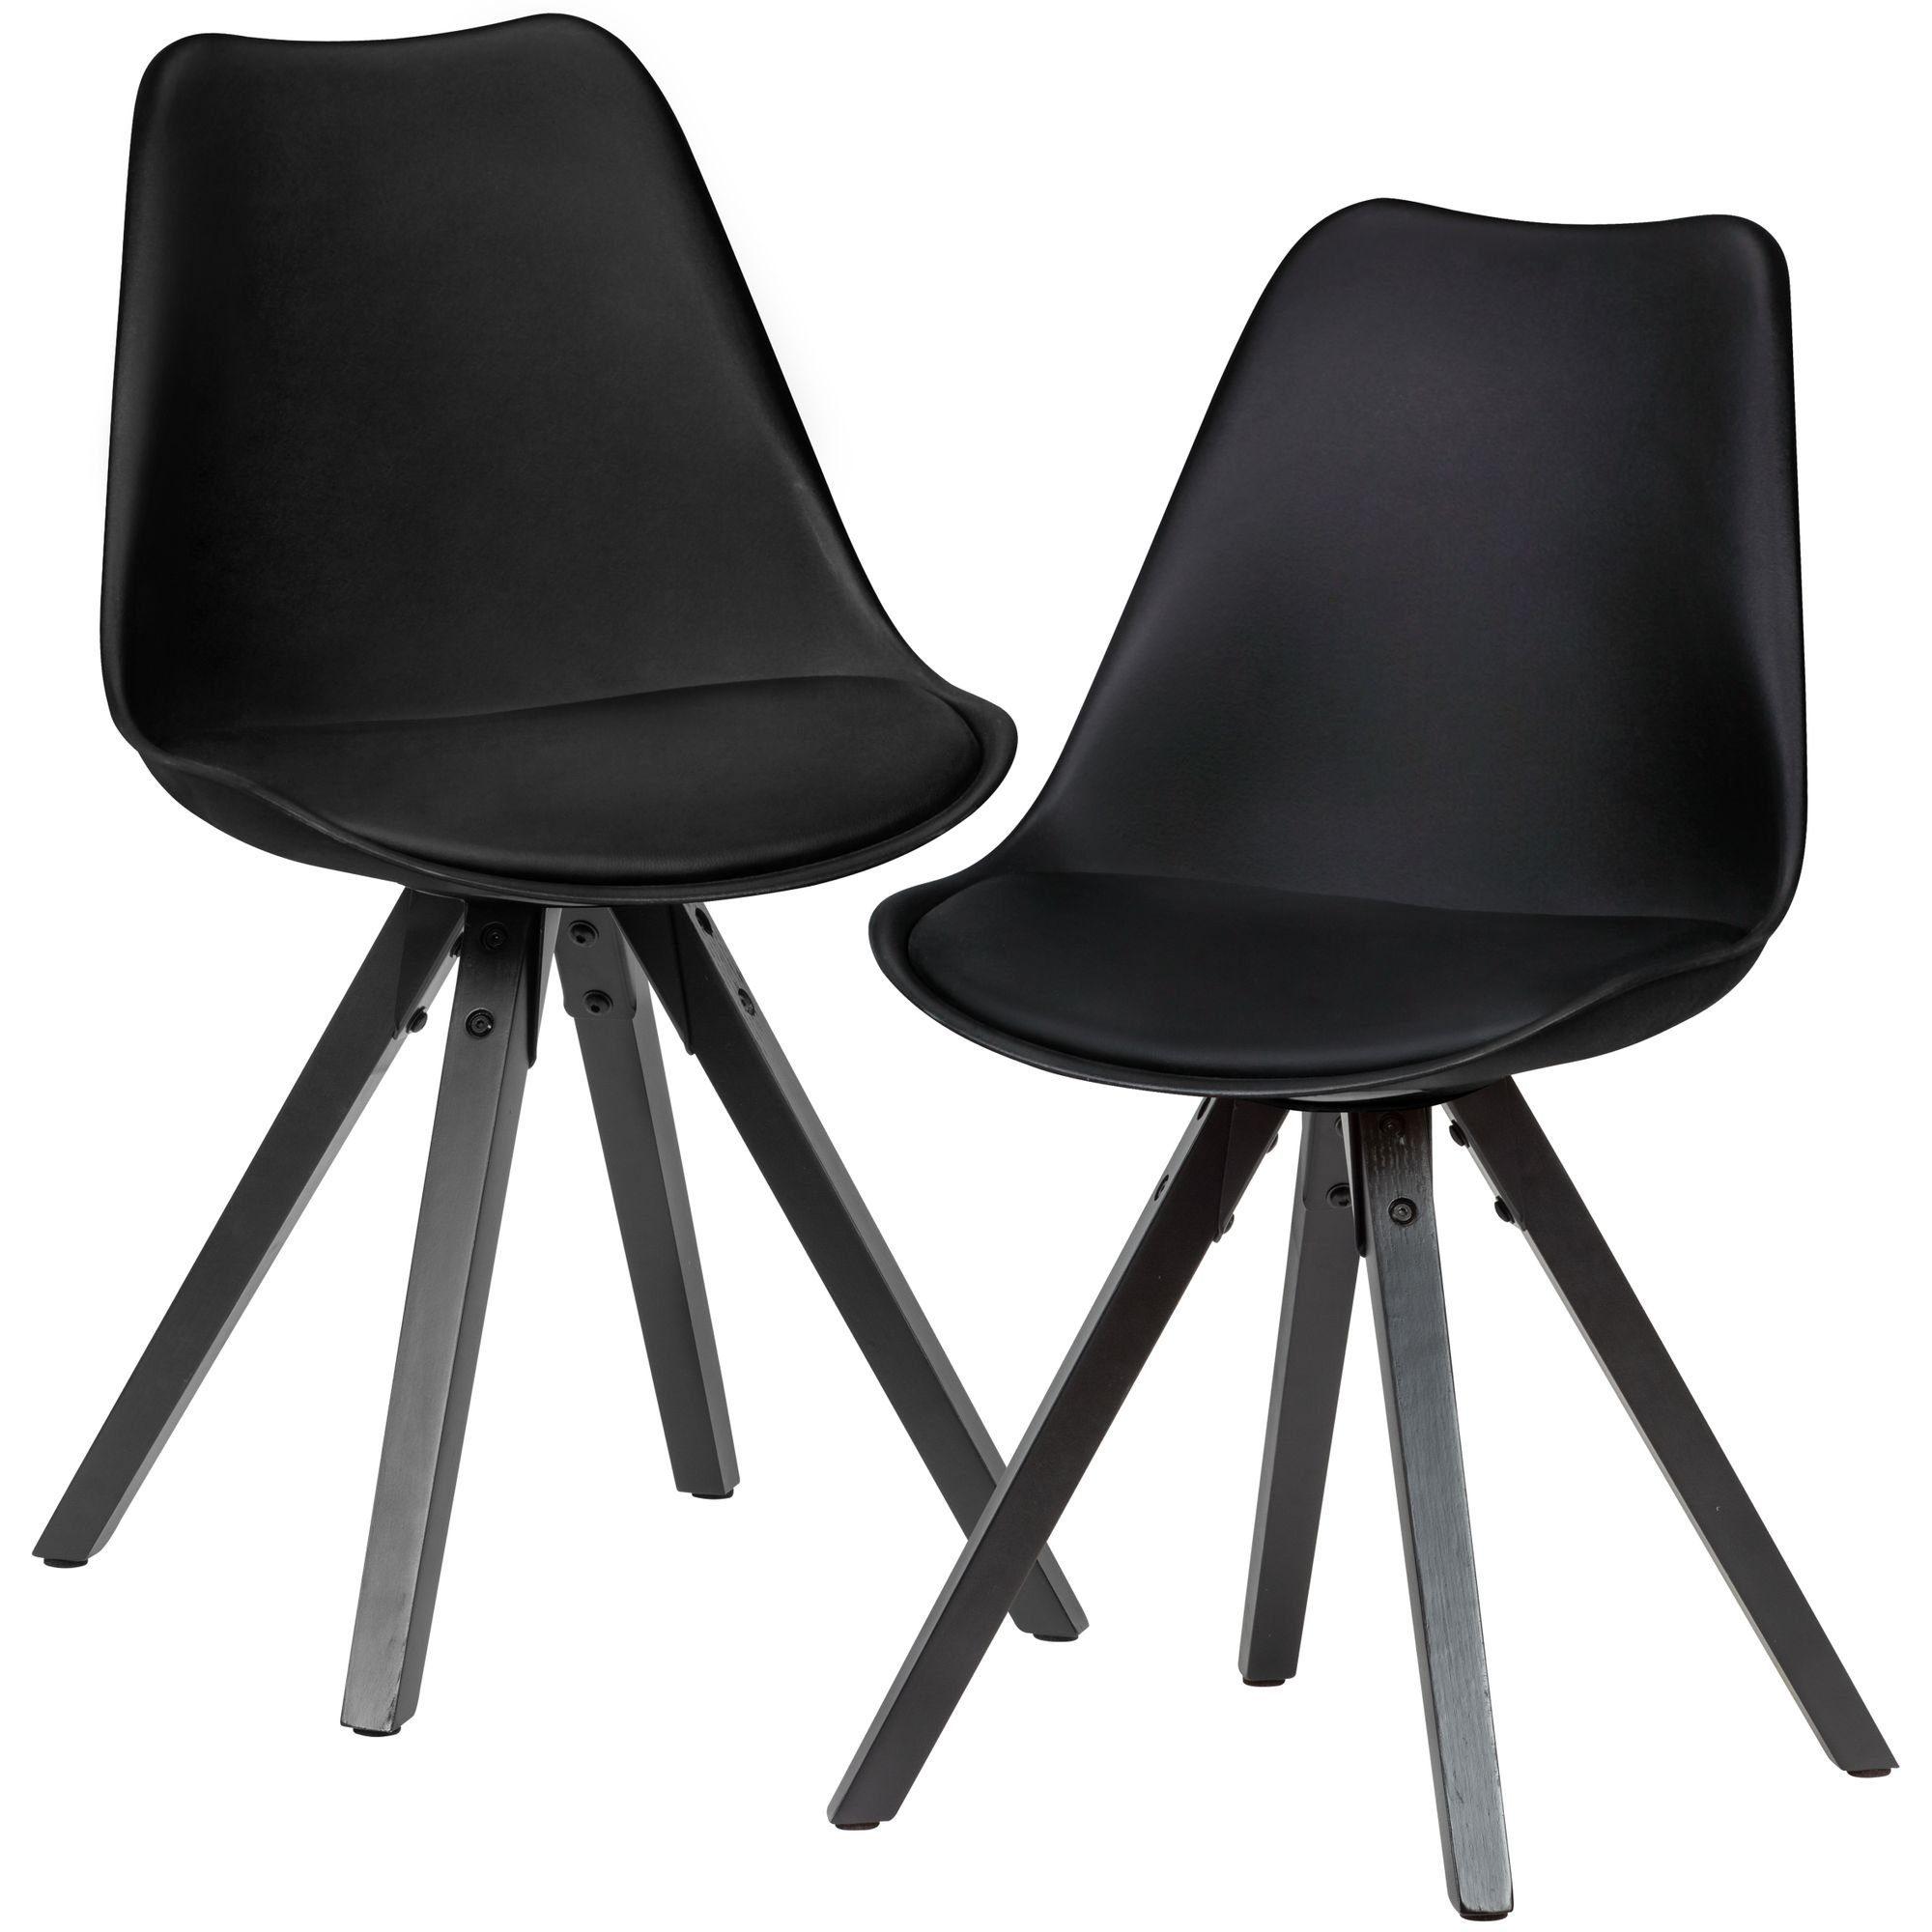 Wohnling Esszimmerstuhl »WL6.134« 2er Set Retro Küchenstuhl Schwarz mit Schwarzen Beinen Polsterstuhl Skandinavisch Rückenlehne Stuhl Kunstleder